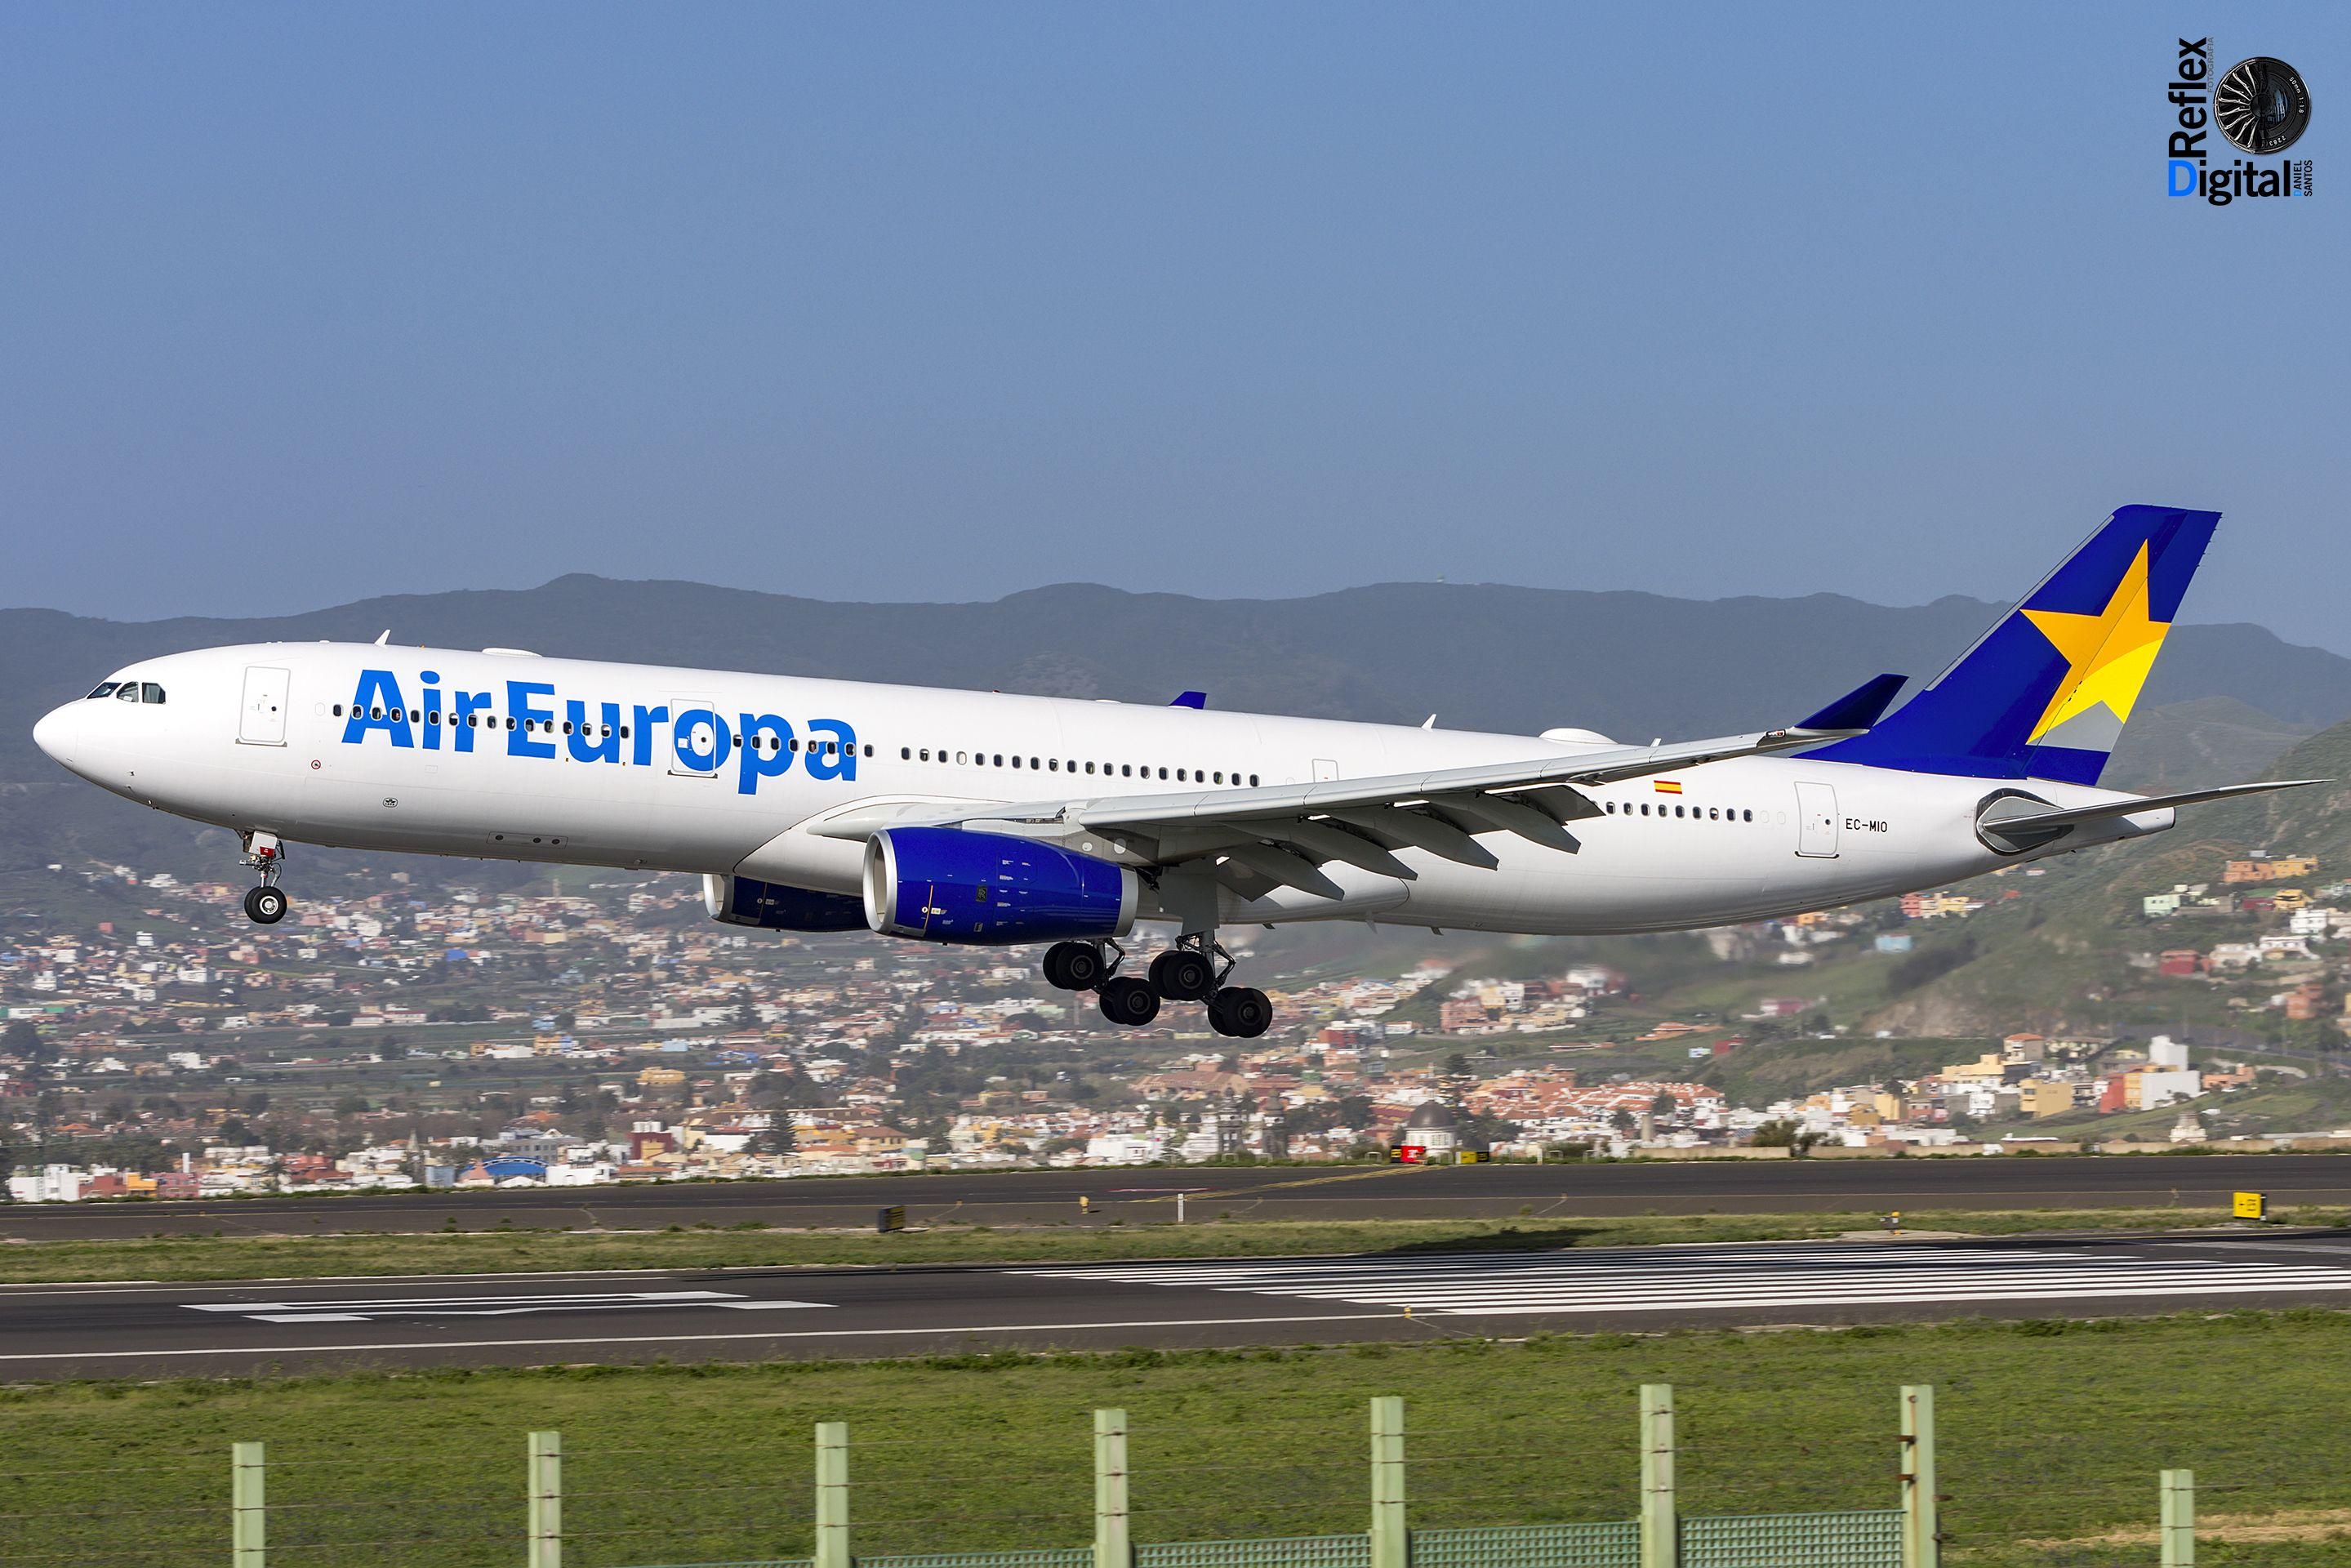 A333 de @aireuropa con librea híbrida entre Skymark (cola) y la nueva imagen de la compañía.